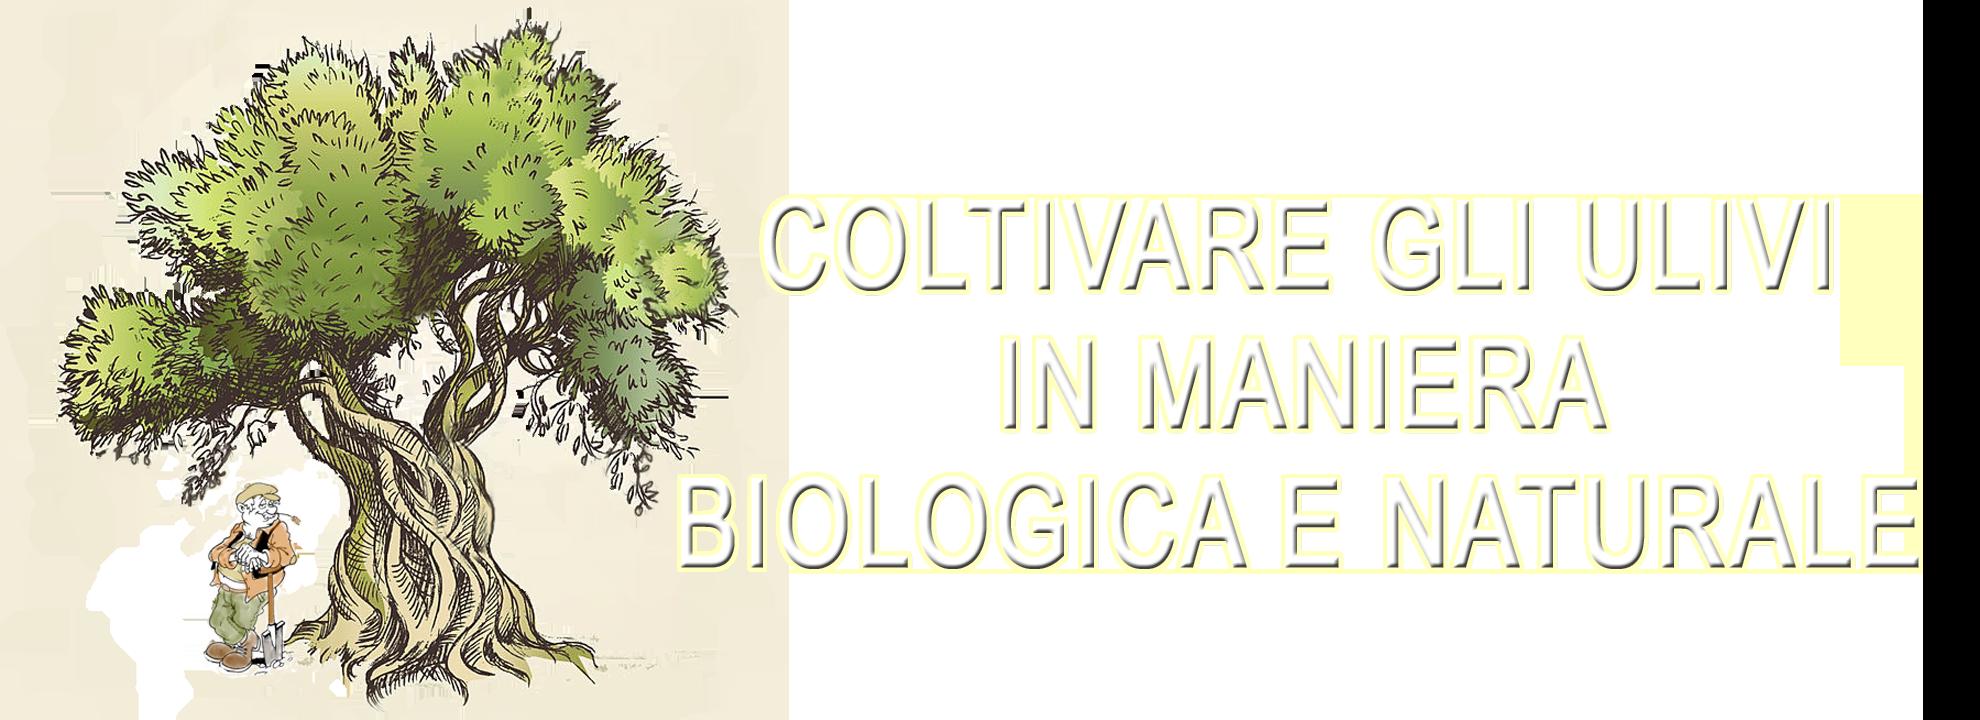 Coltivare gli ulivi in maniera biologica e naturale